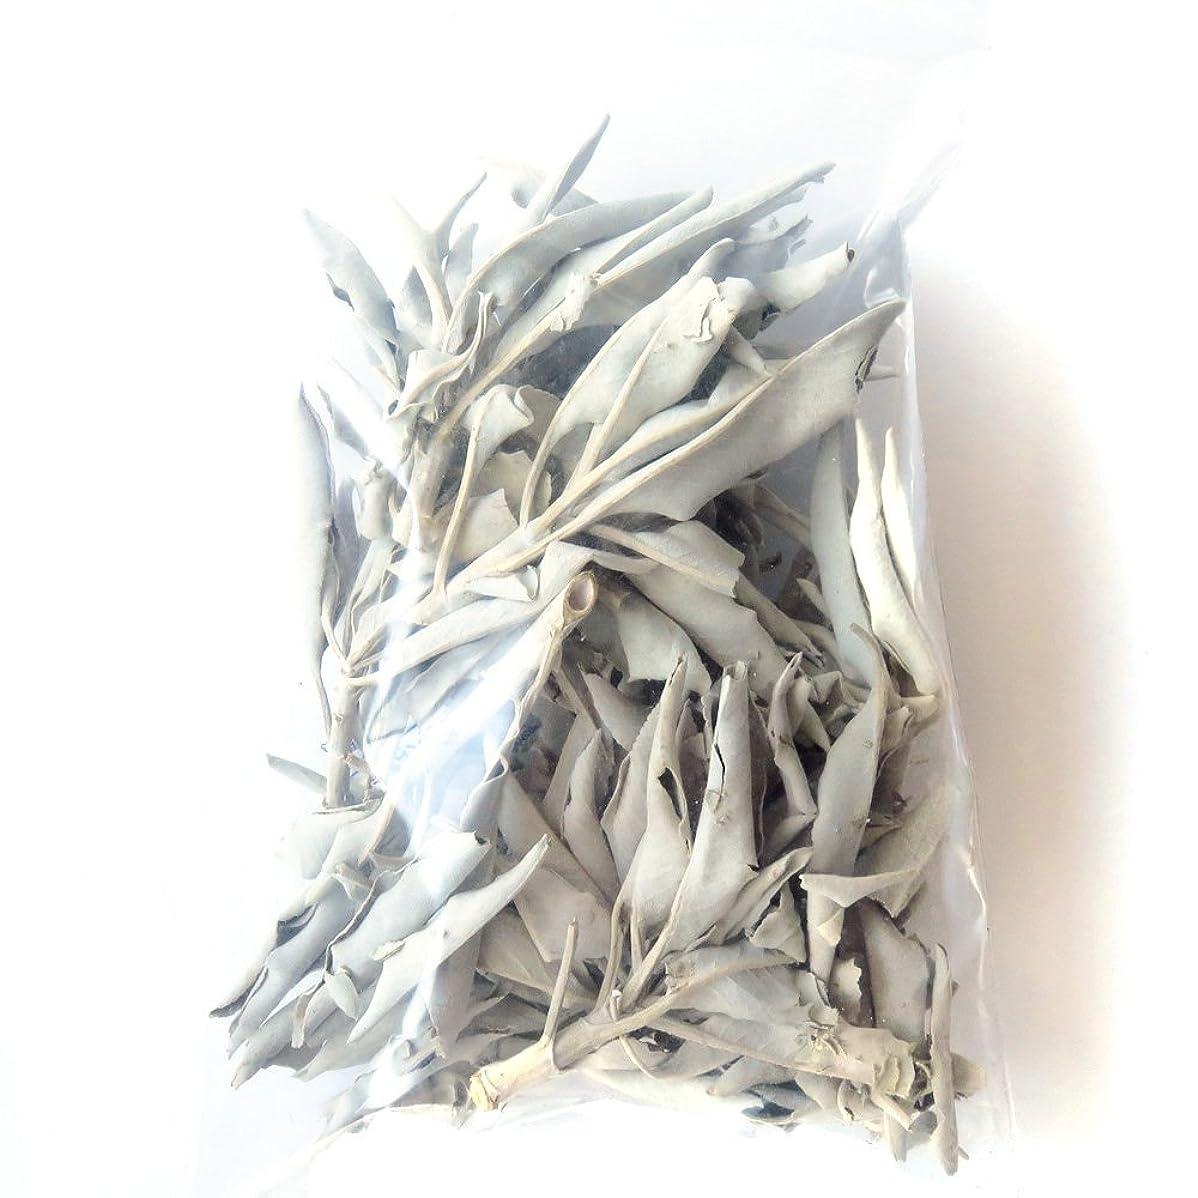 穀物ホステスストライクホワイトセージ 無農薬 カルフォルニア産 30g前後 (枝付き)